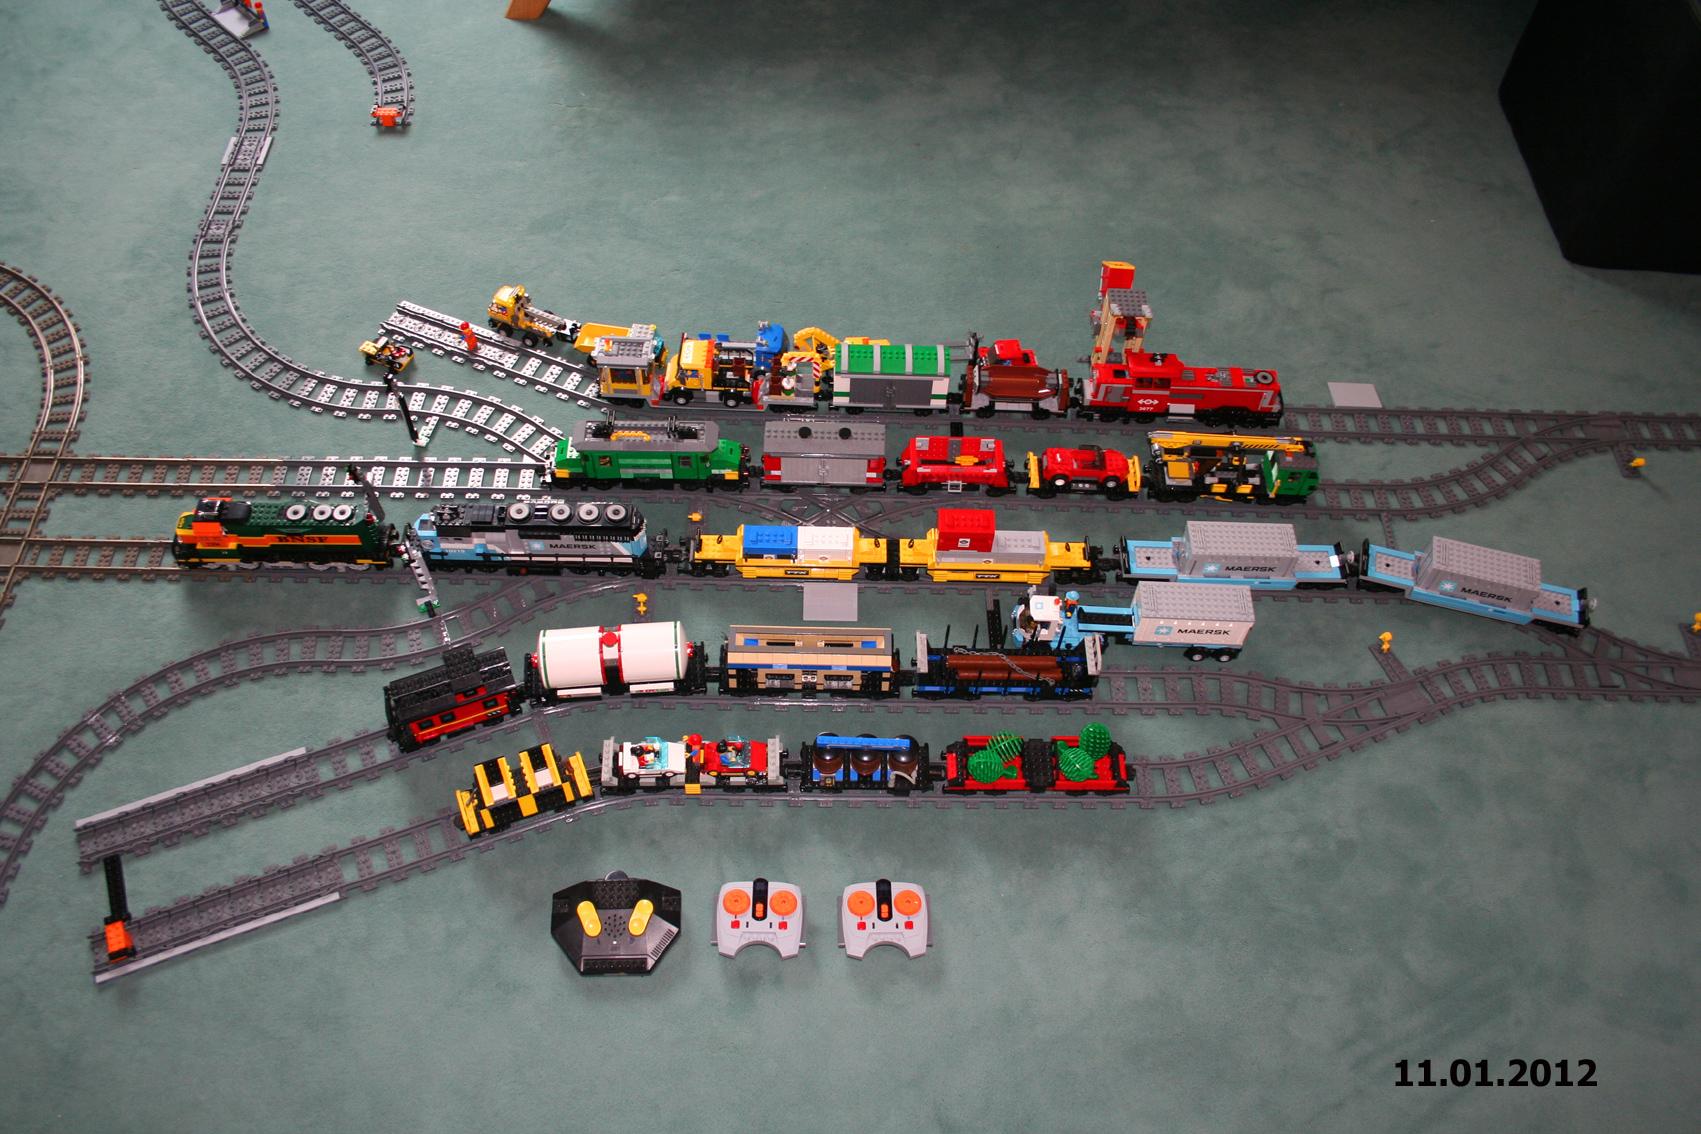 Lego City 01-2012